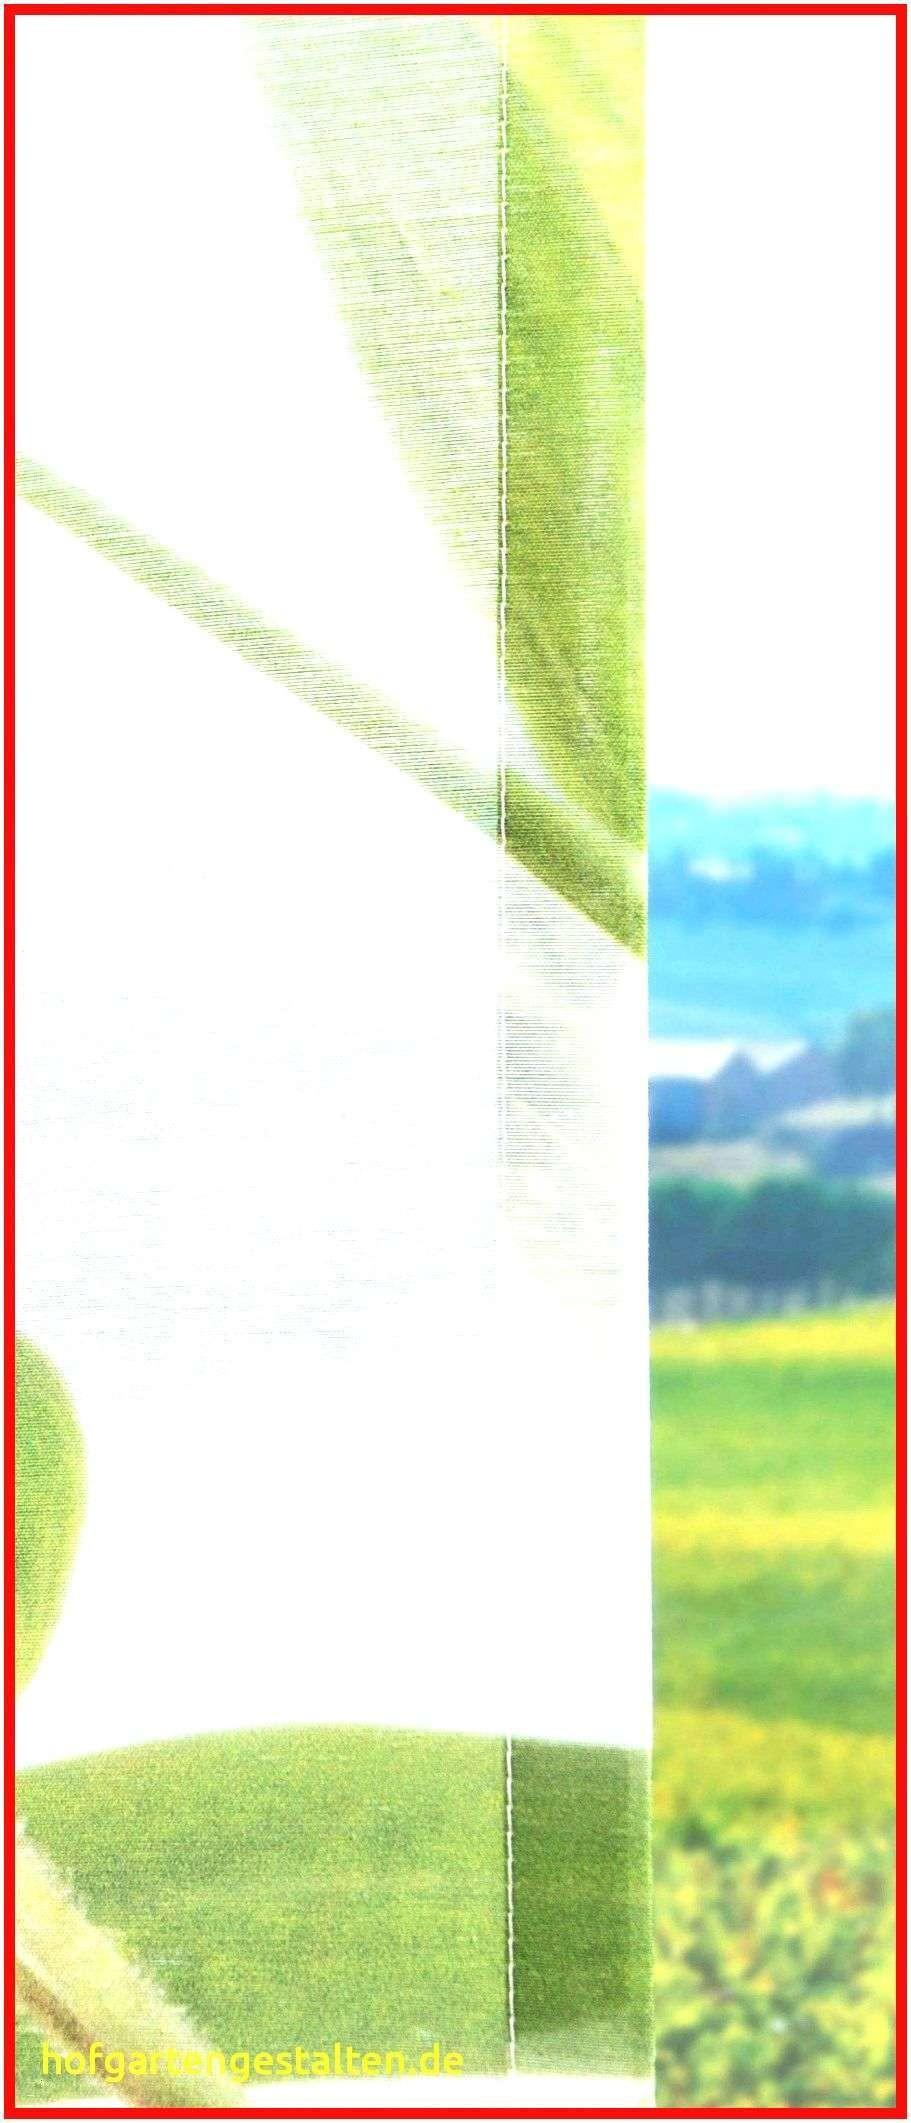 Messe Frankfurt Kalender 2019 Pdf Más Reciente Development Llc solarlichter Fur Garten 2019 02 Of Messe Frankfurt Kalender 2019 Pdf Más Reciente Bewerbung Als Industriemechaniker